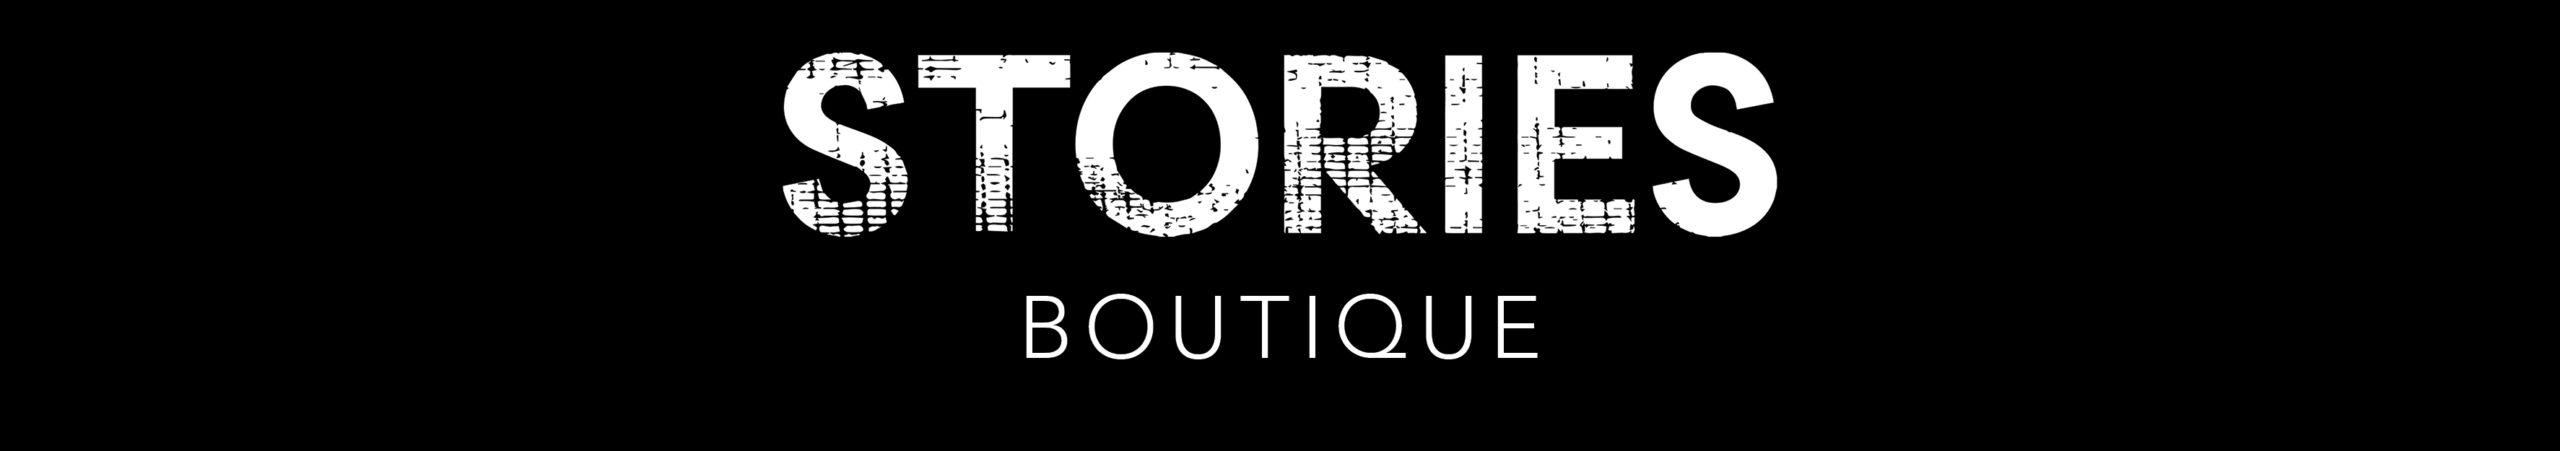 Boutique Stories Espas Danse